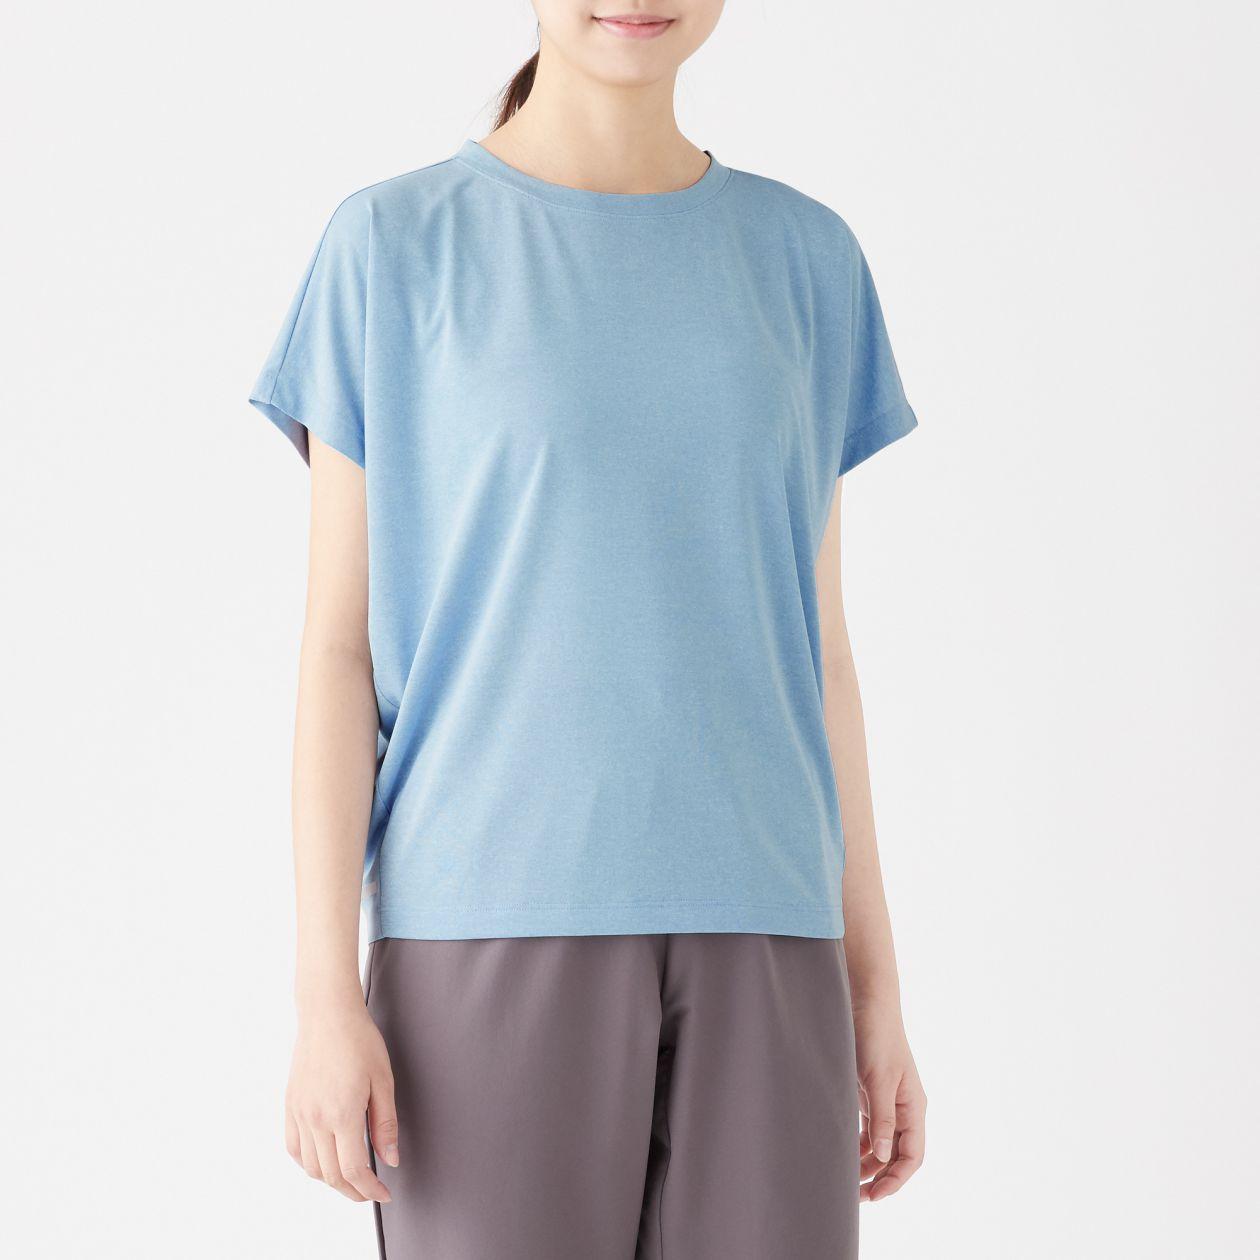 吸汗速乾UVカットフレンチスリーブTシャツ